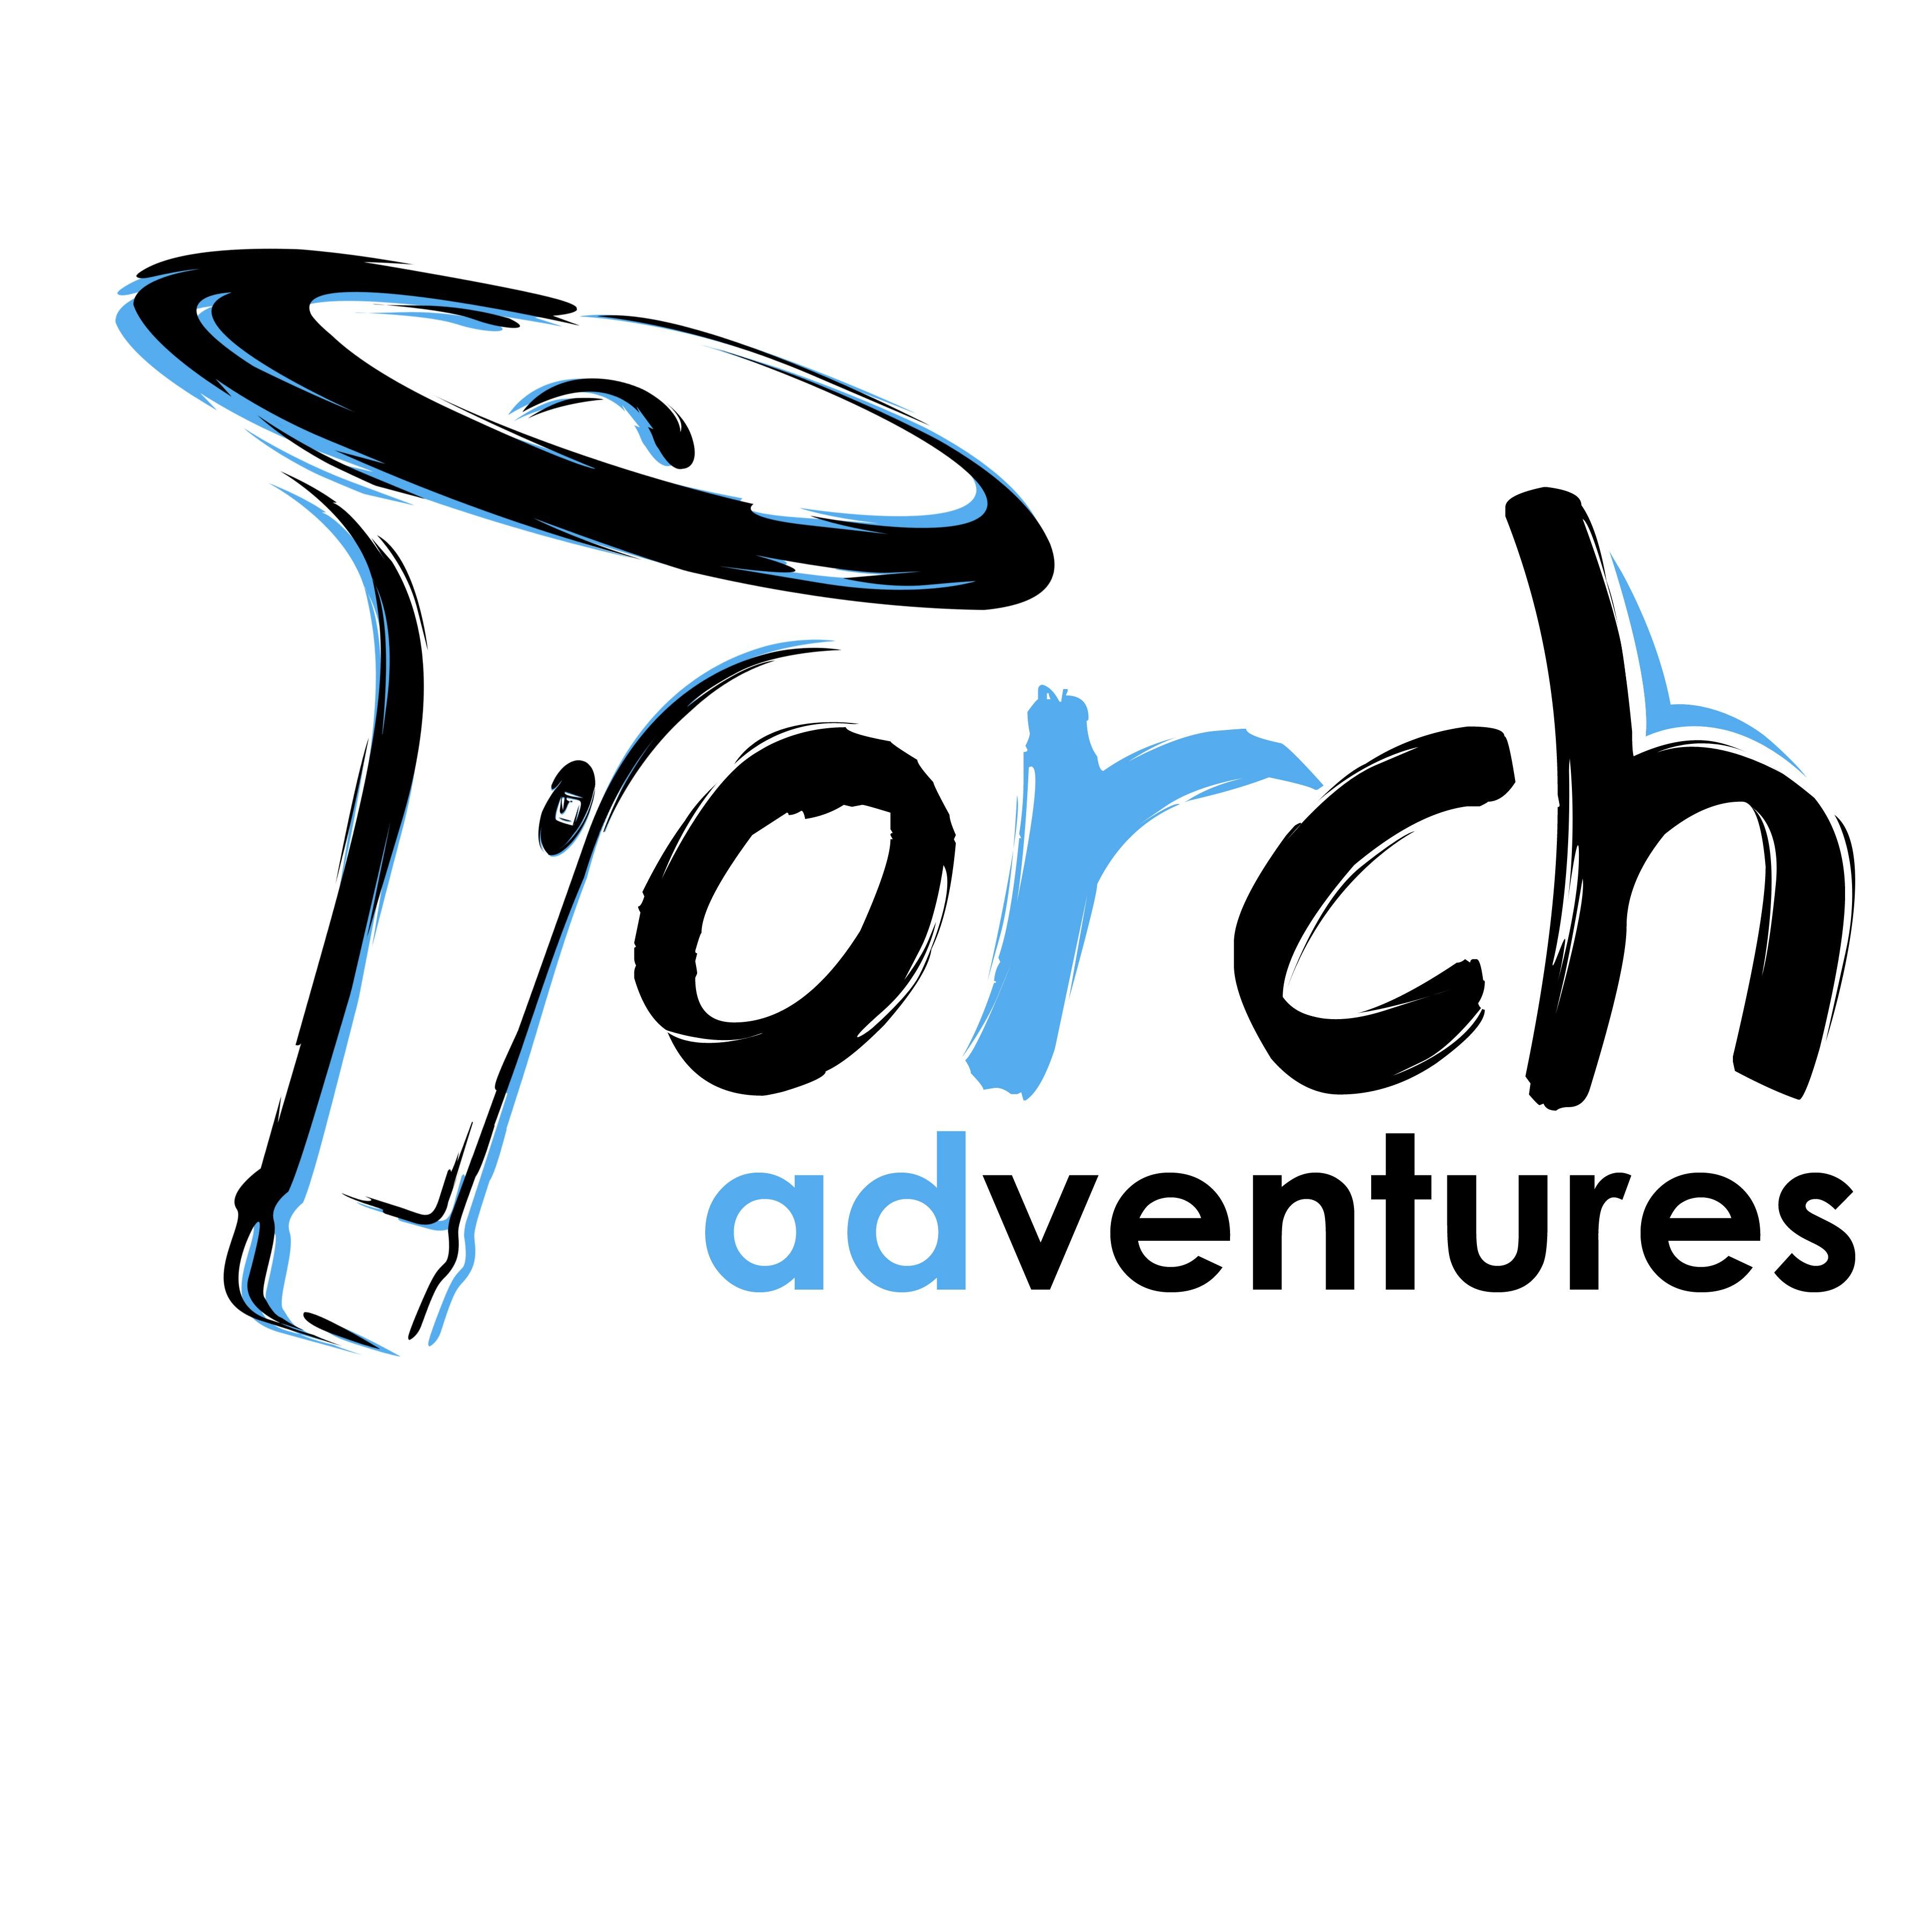 Torch Adventures